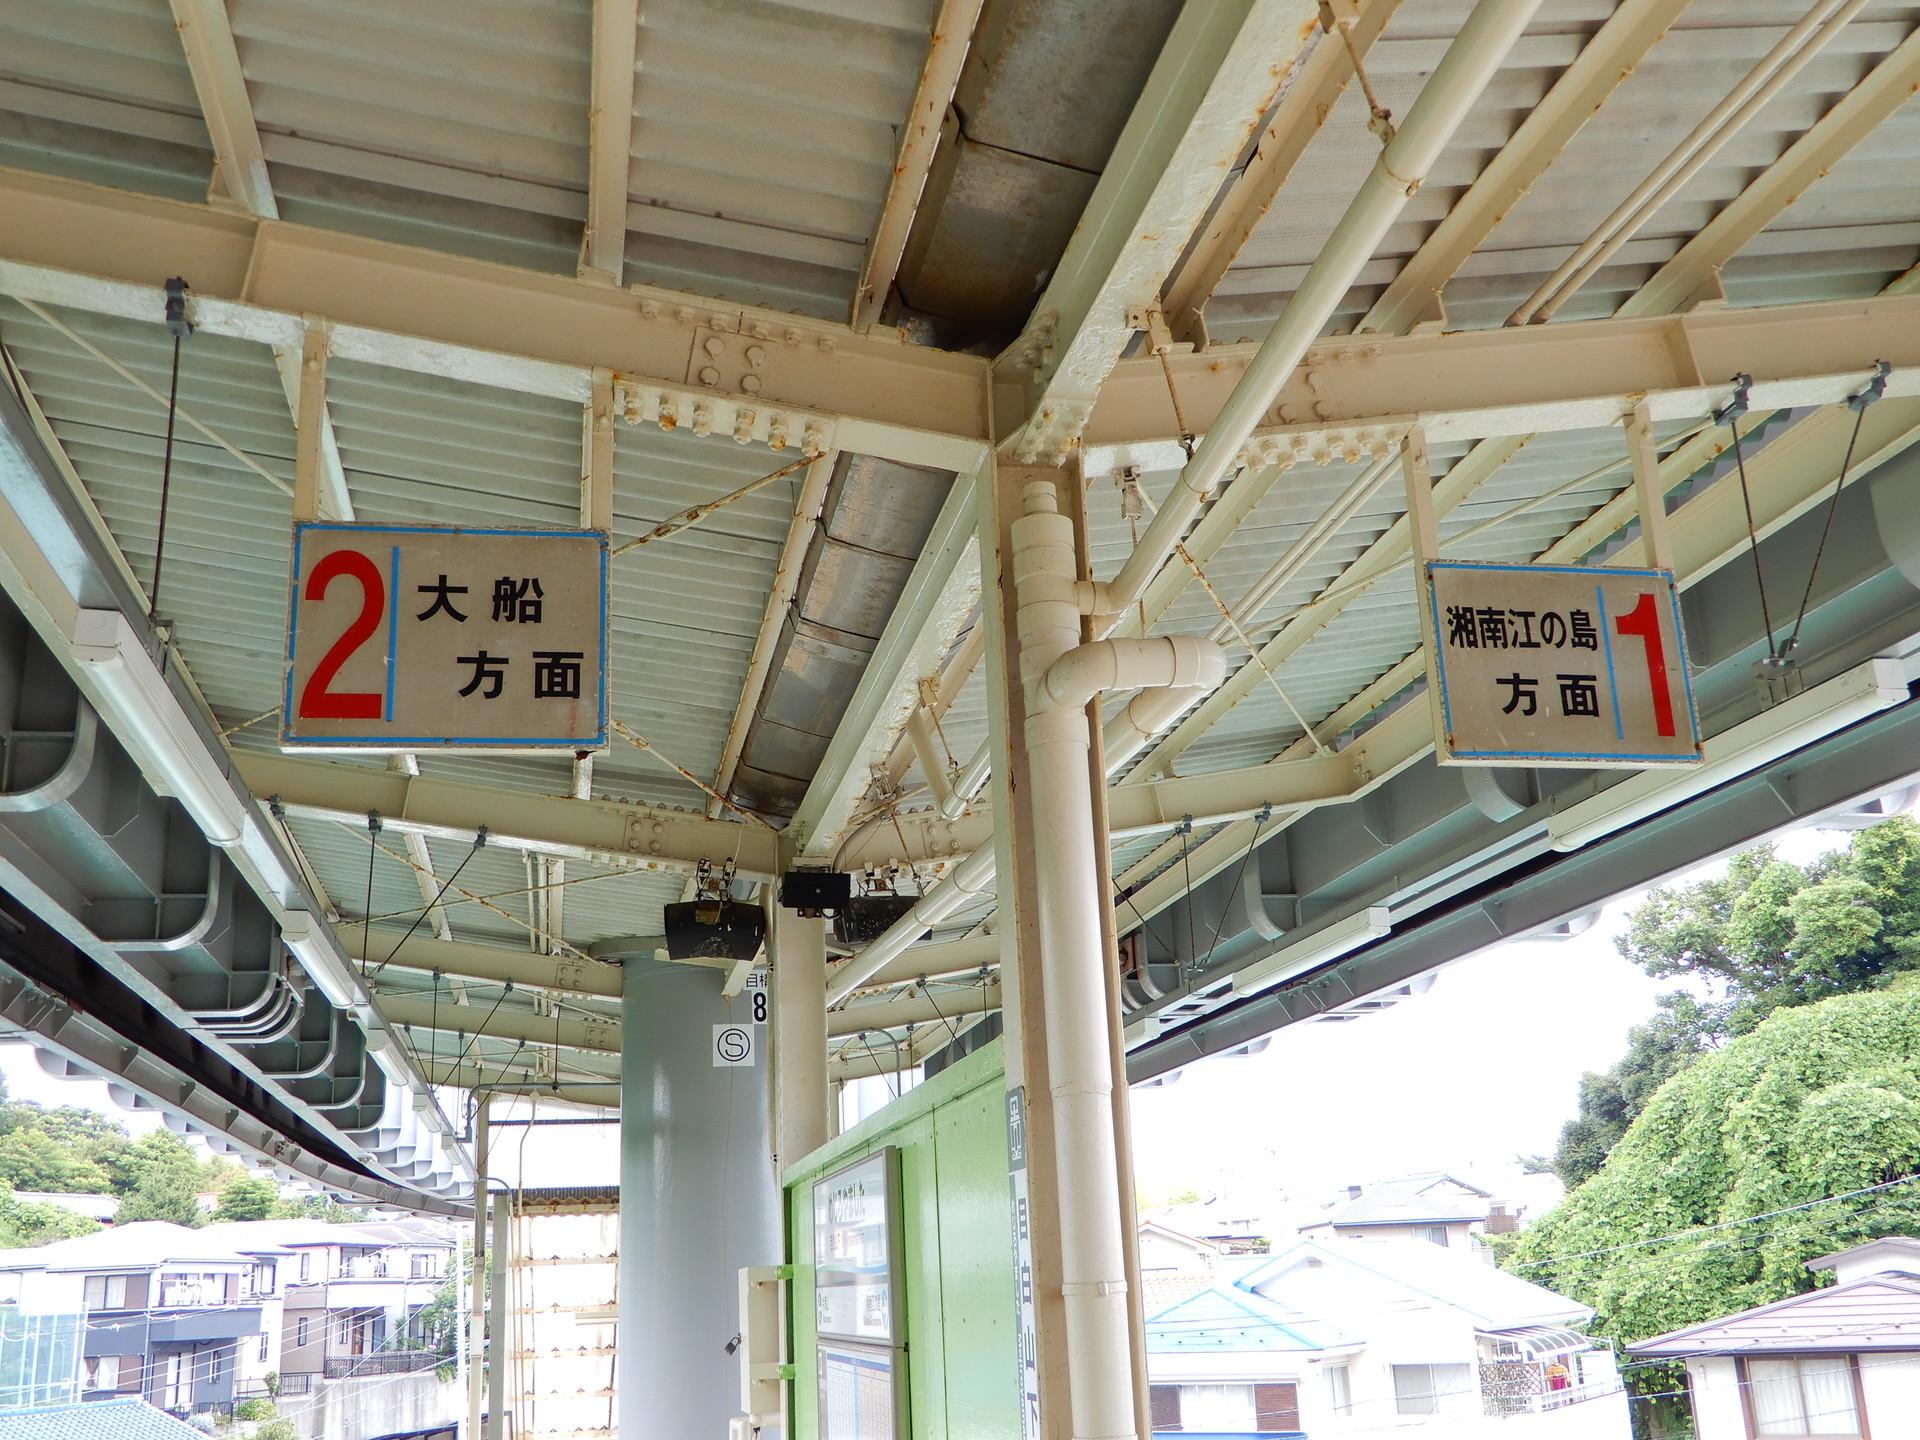 目白山下駅の番線表示